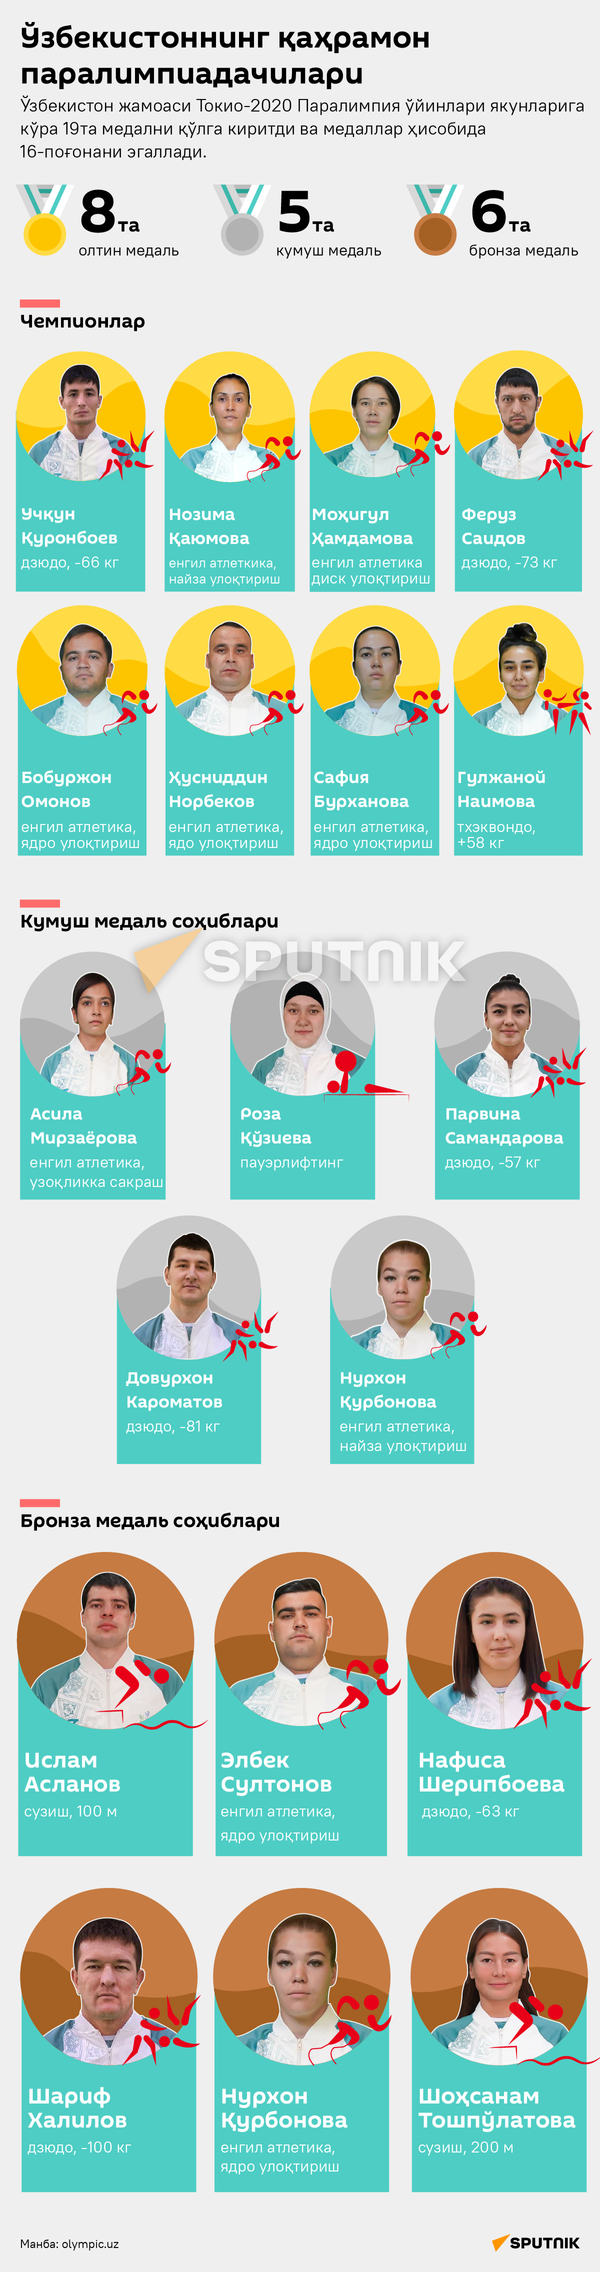 Oʻzbekistonning chempion paralimpiadachilari - Sputnik Oʻzbekiston